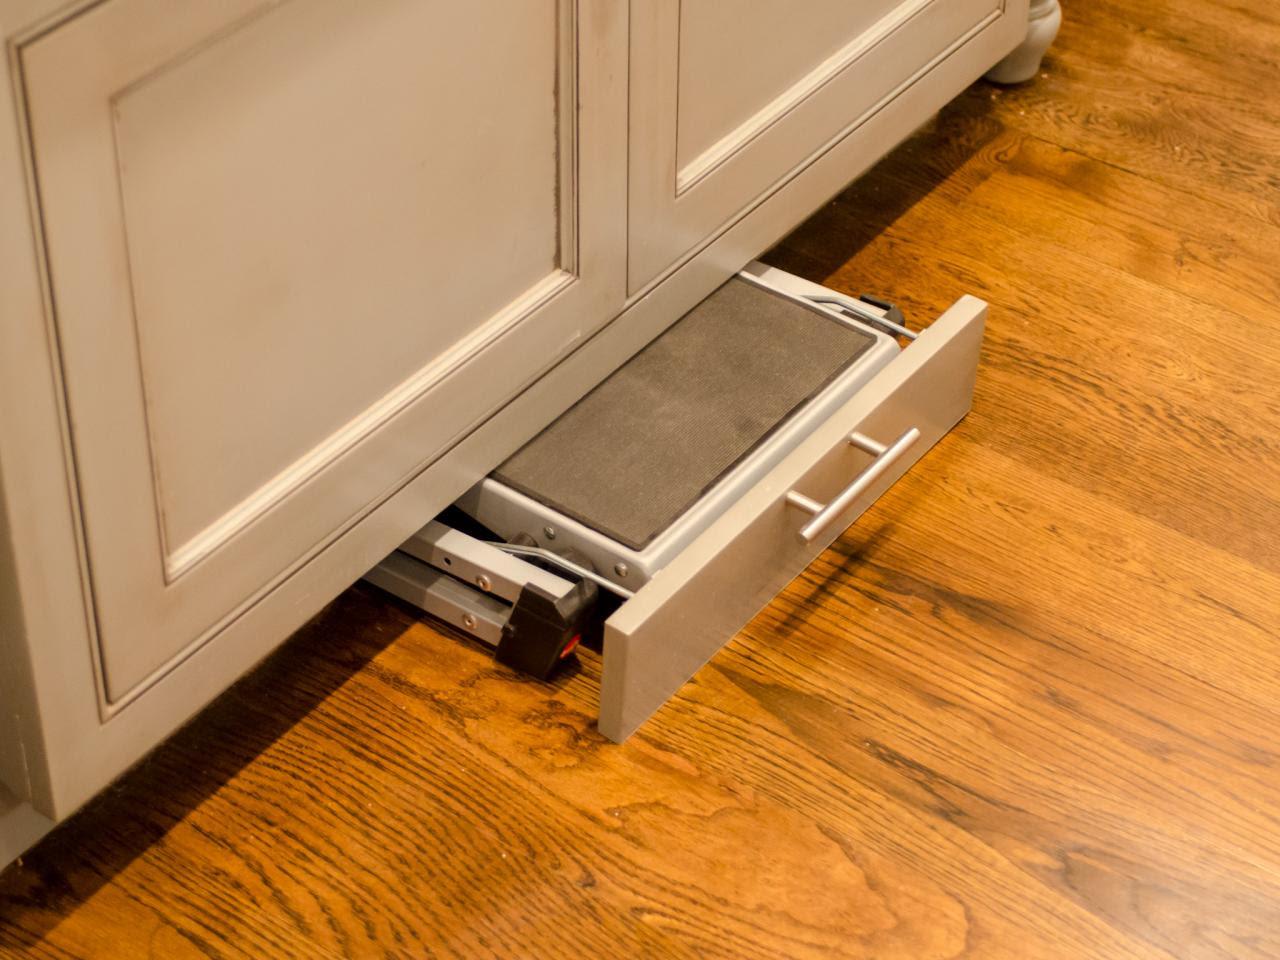 Kitchen Layout Design Ideas   DIY Kitchen Design Ideas ...